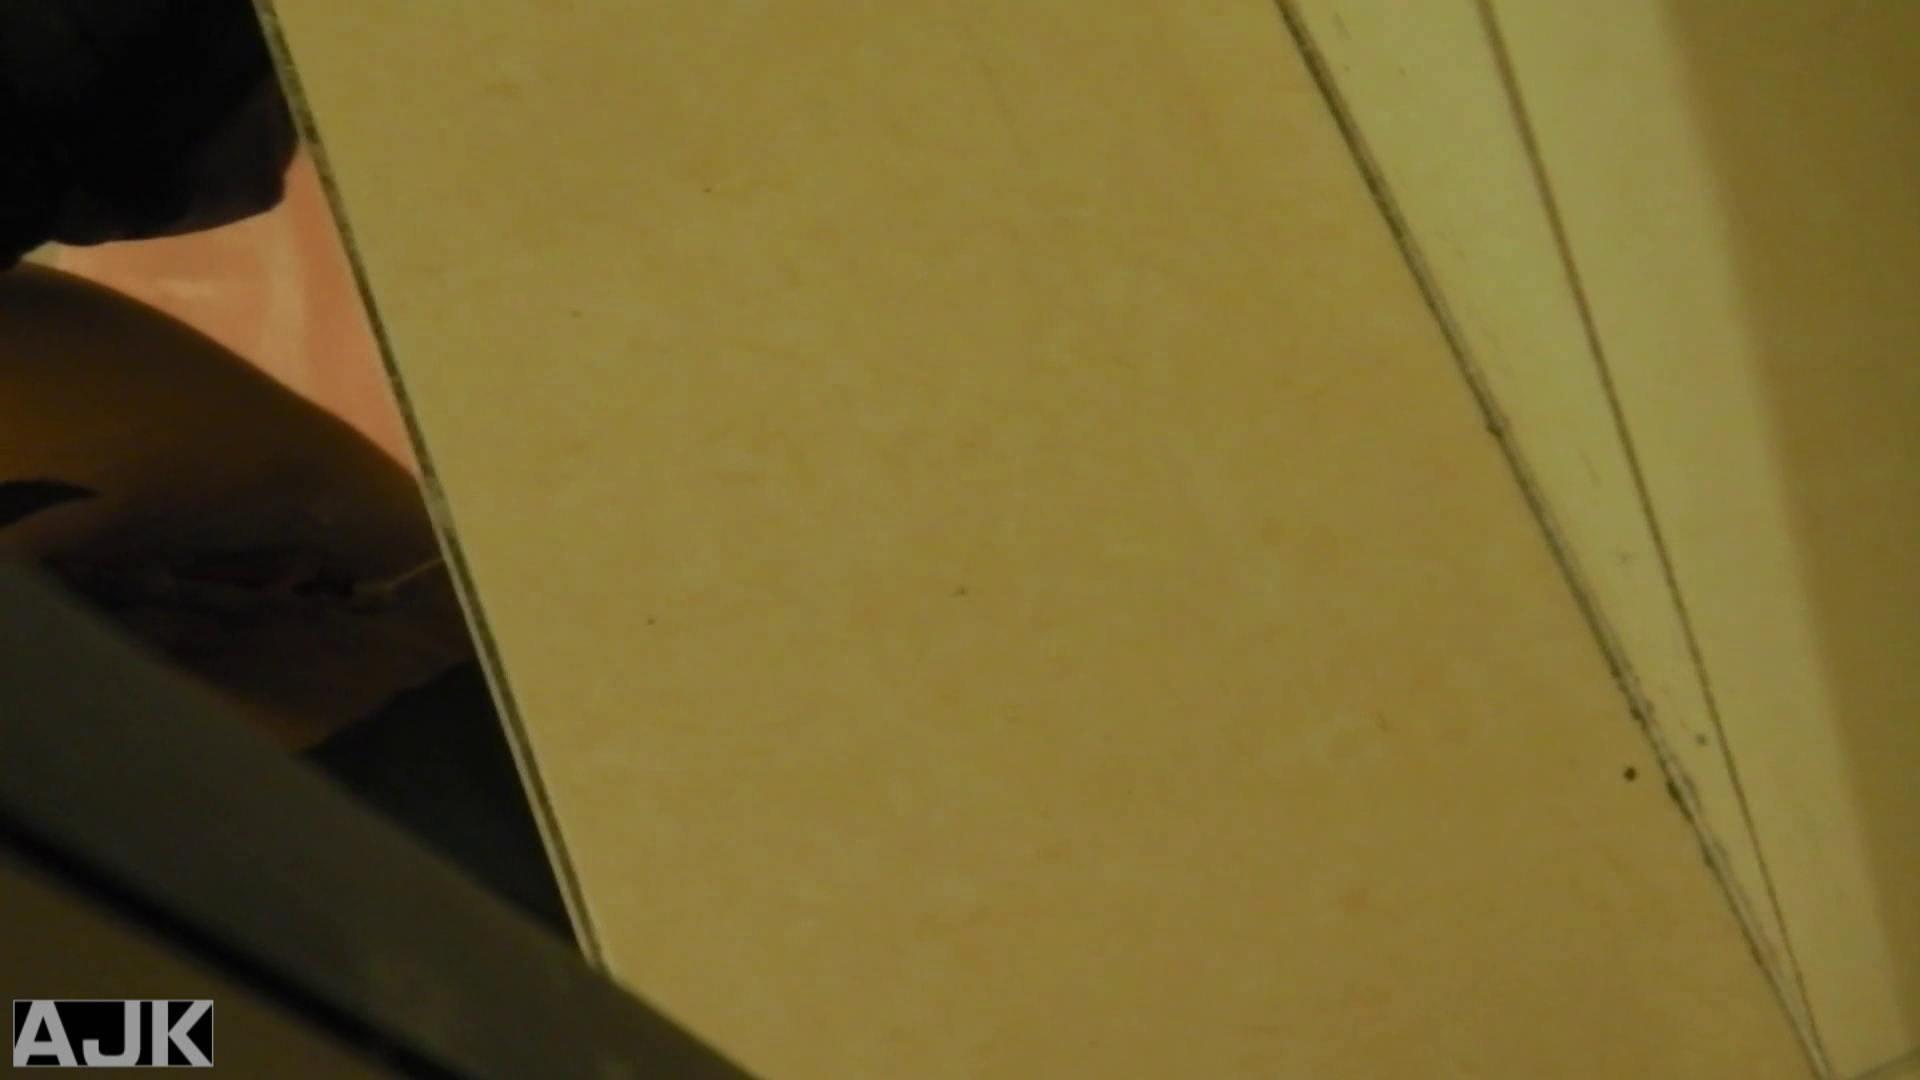 隣国上階級エリアの令嬢たちが集うデパートお手洗い Vol.09 お手洗い  32連発 26